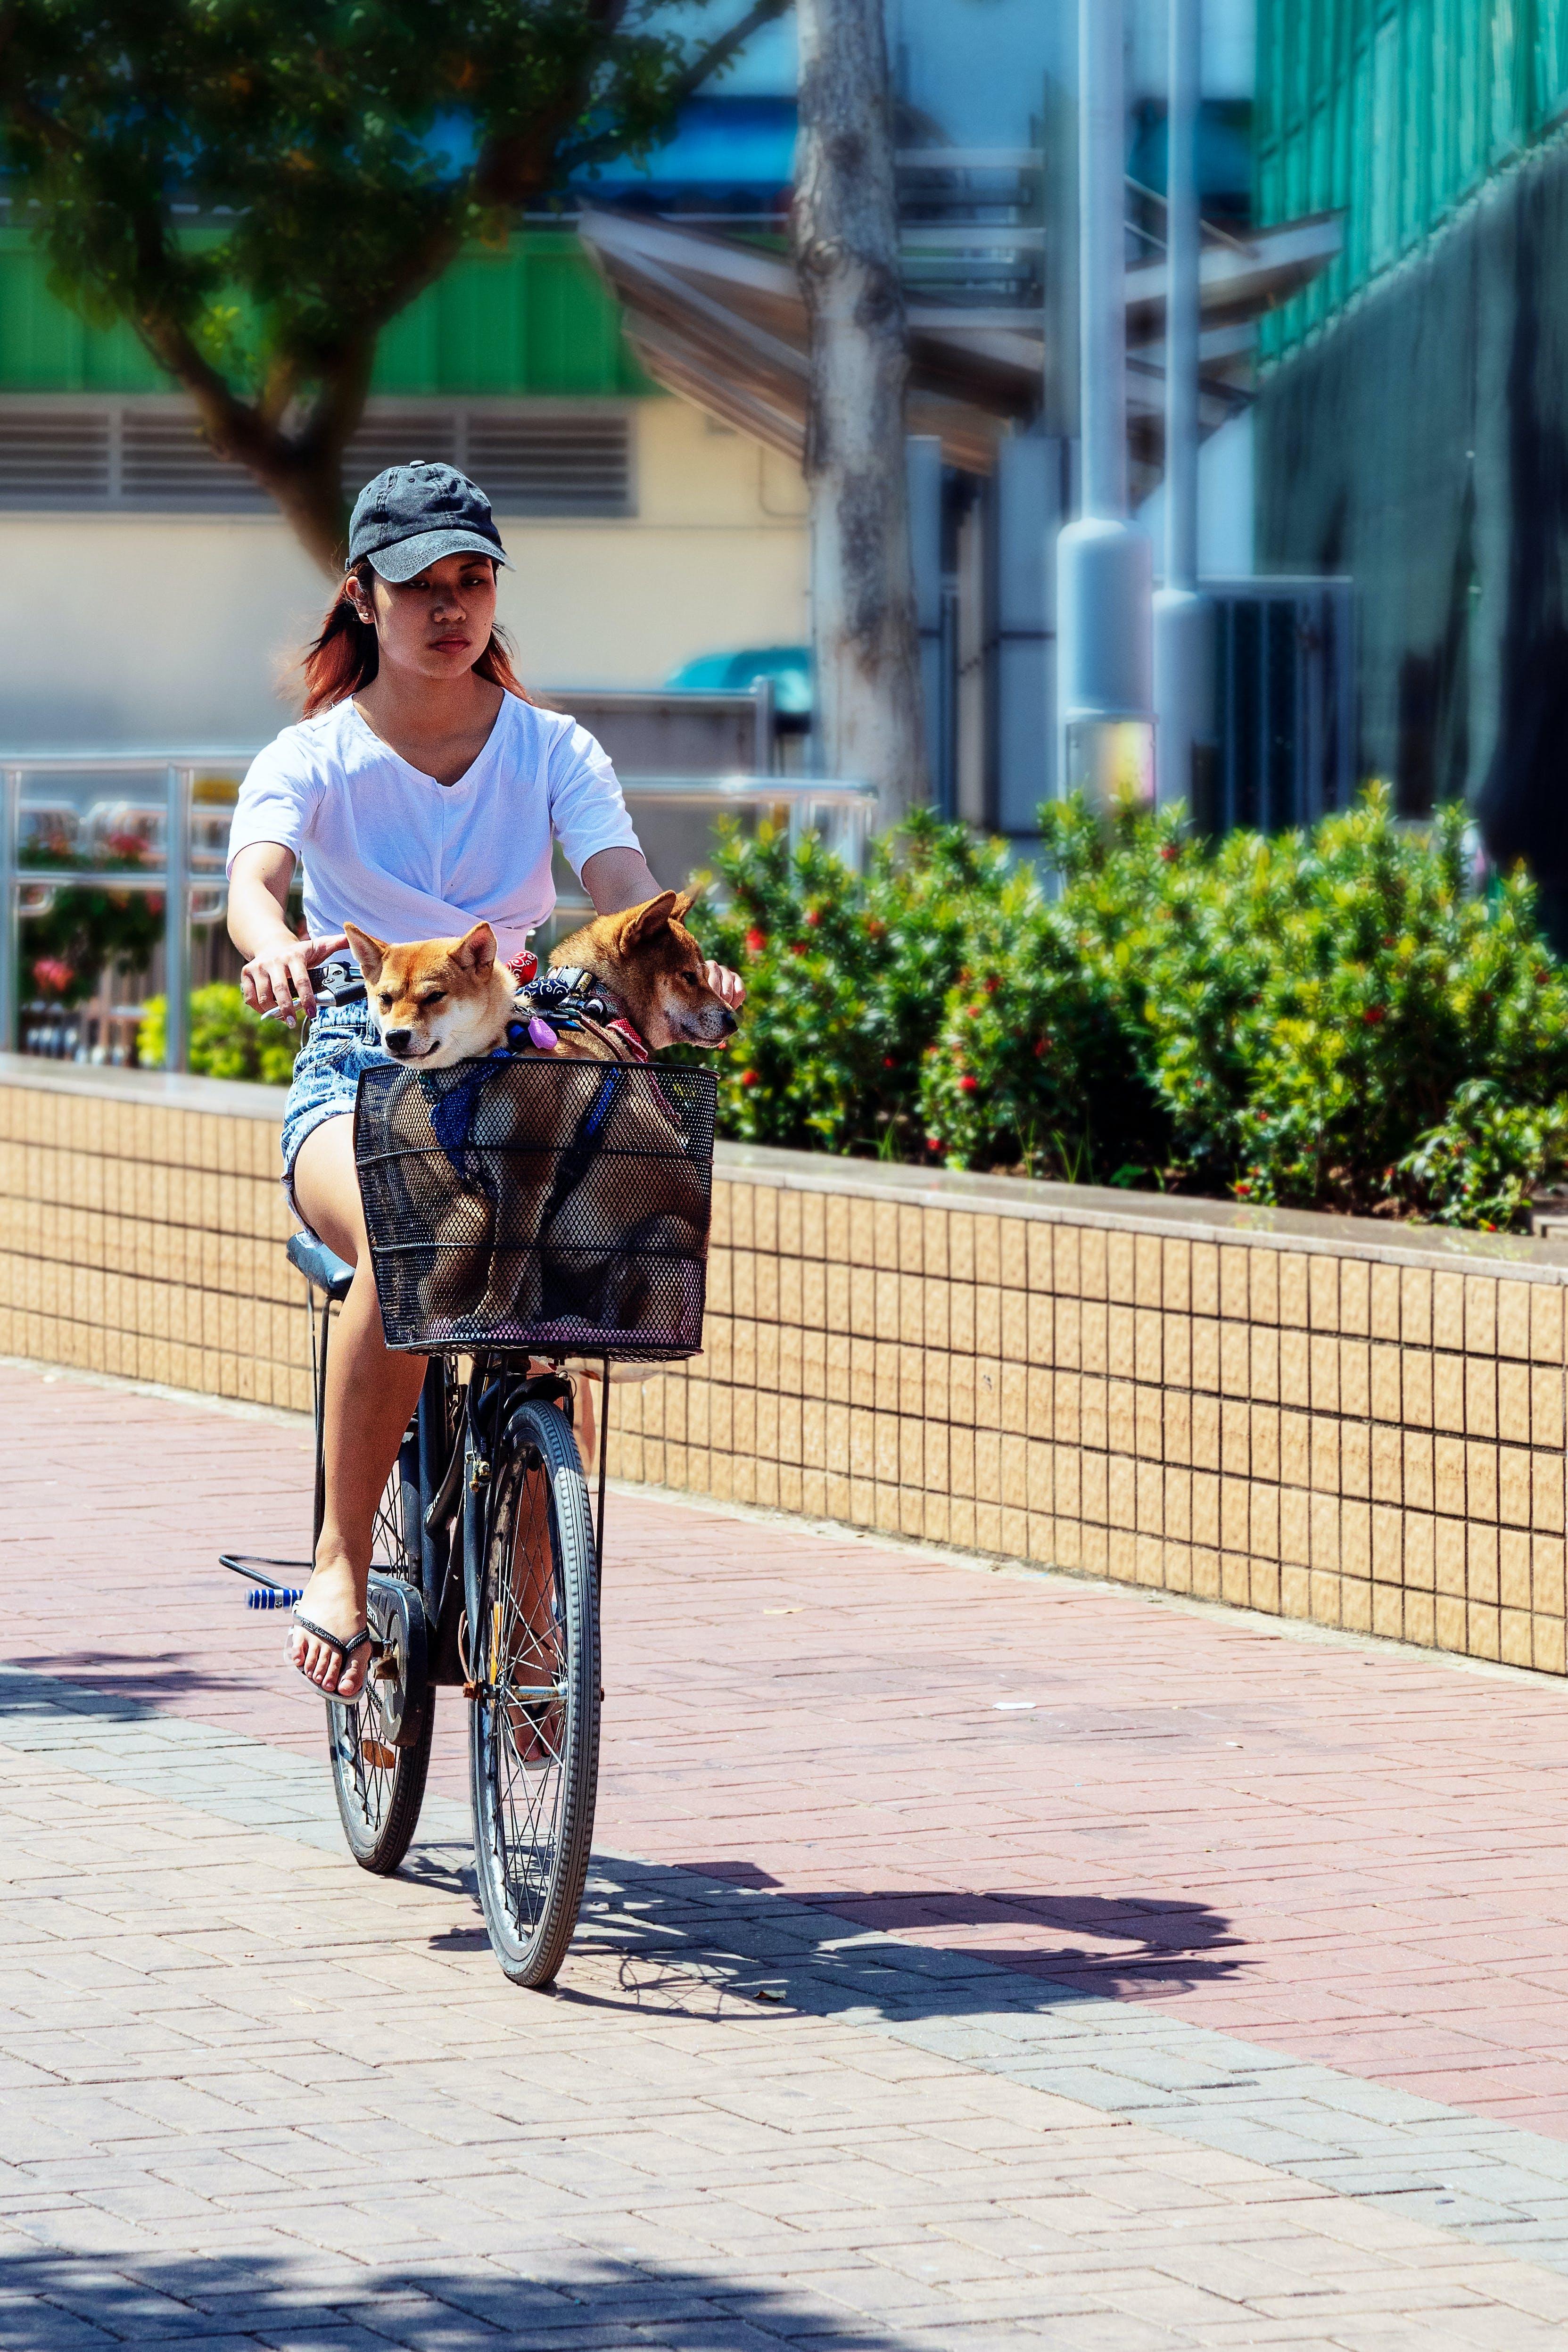 Gratis lagerfoto af aktiv, bevægelse, by, cykel